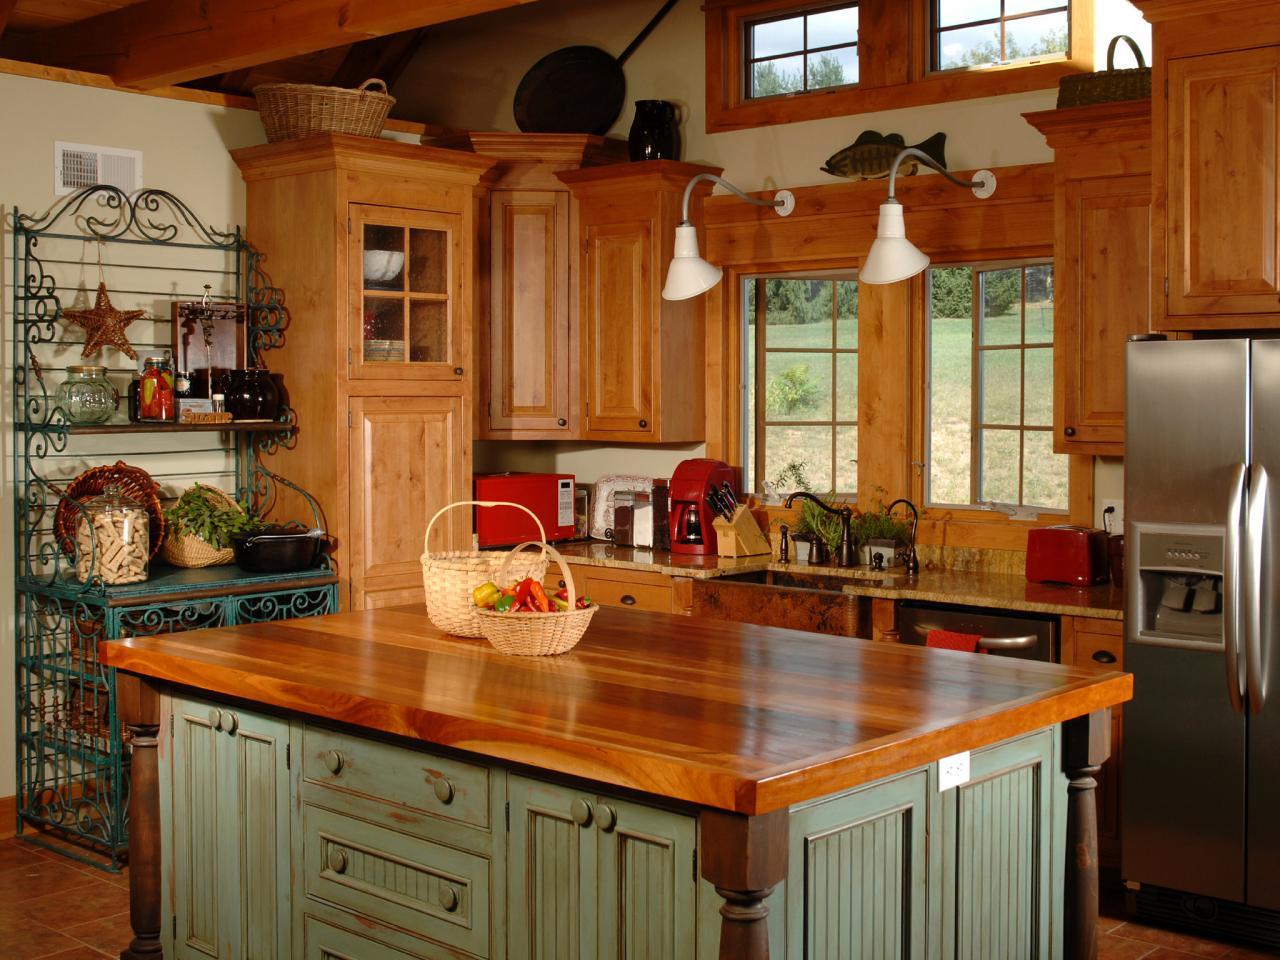 بهترین بدنه برای کابینت آشپزخانه منزل